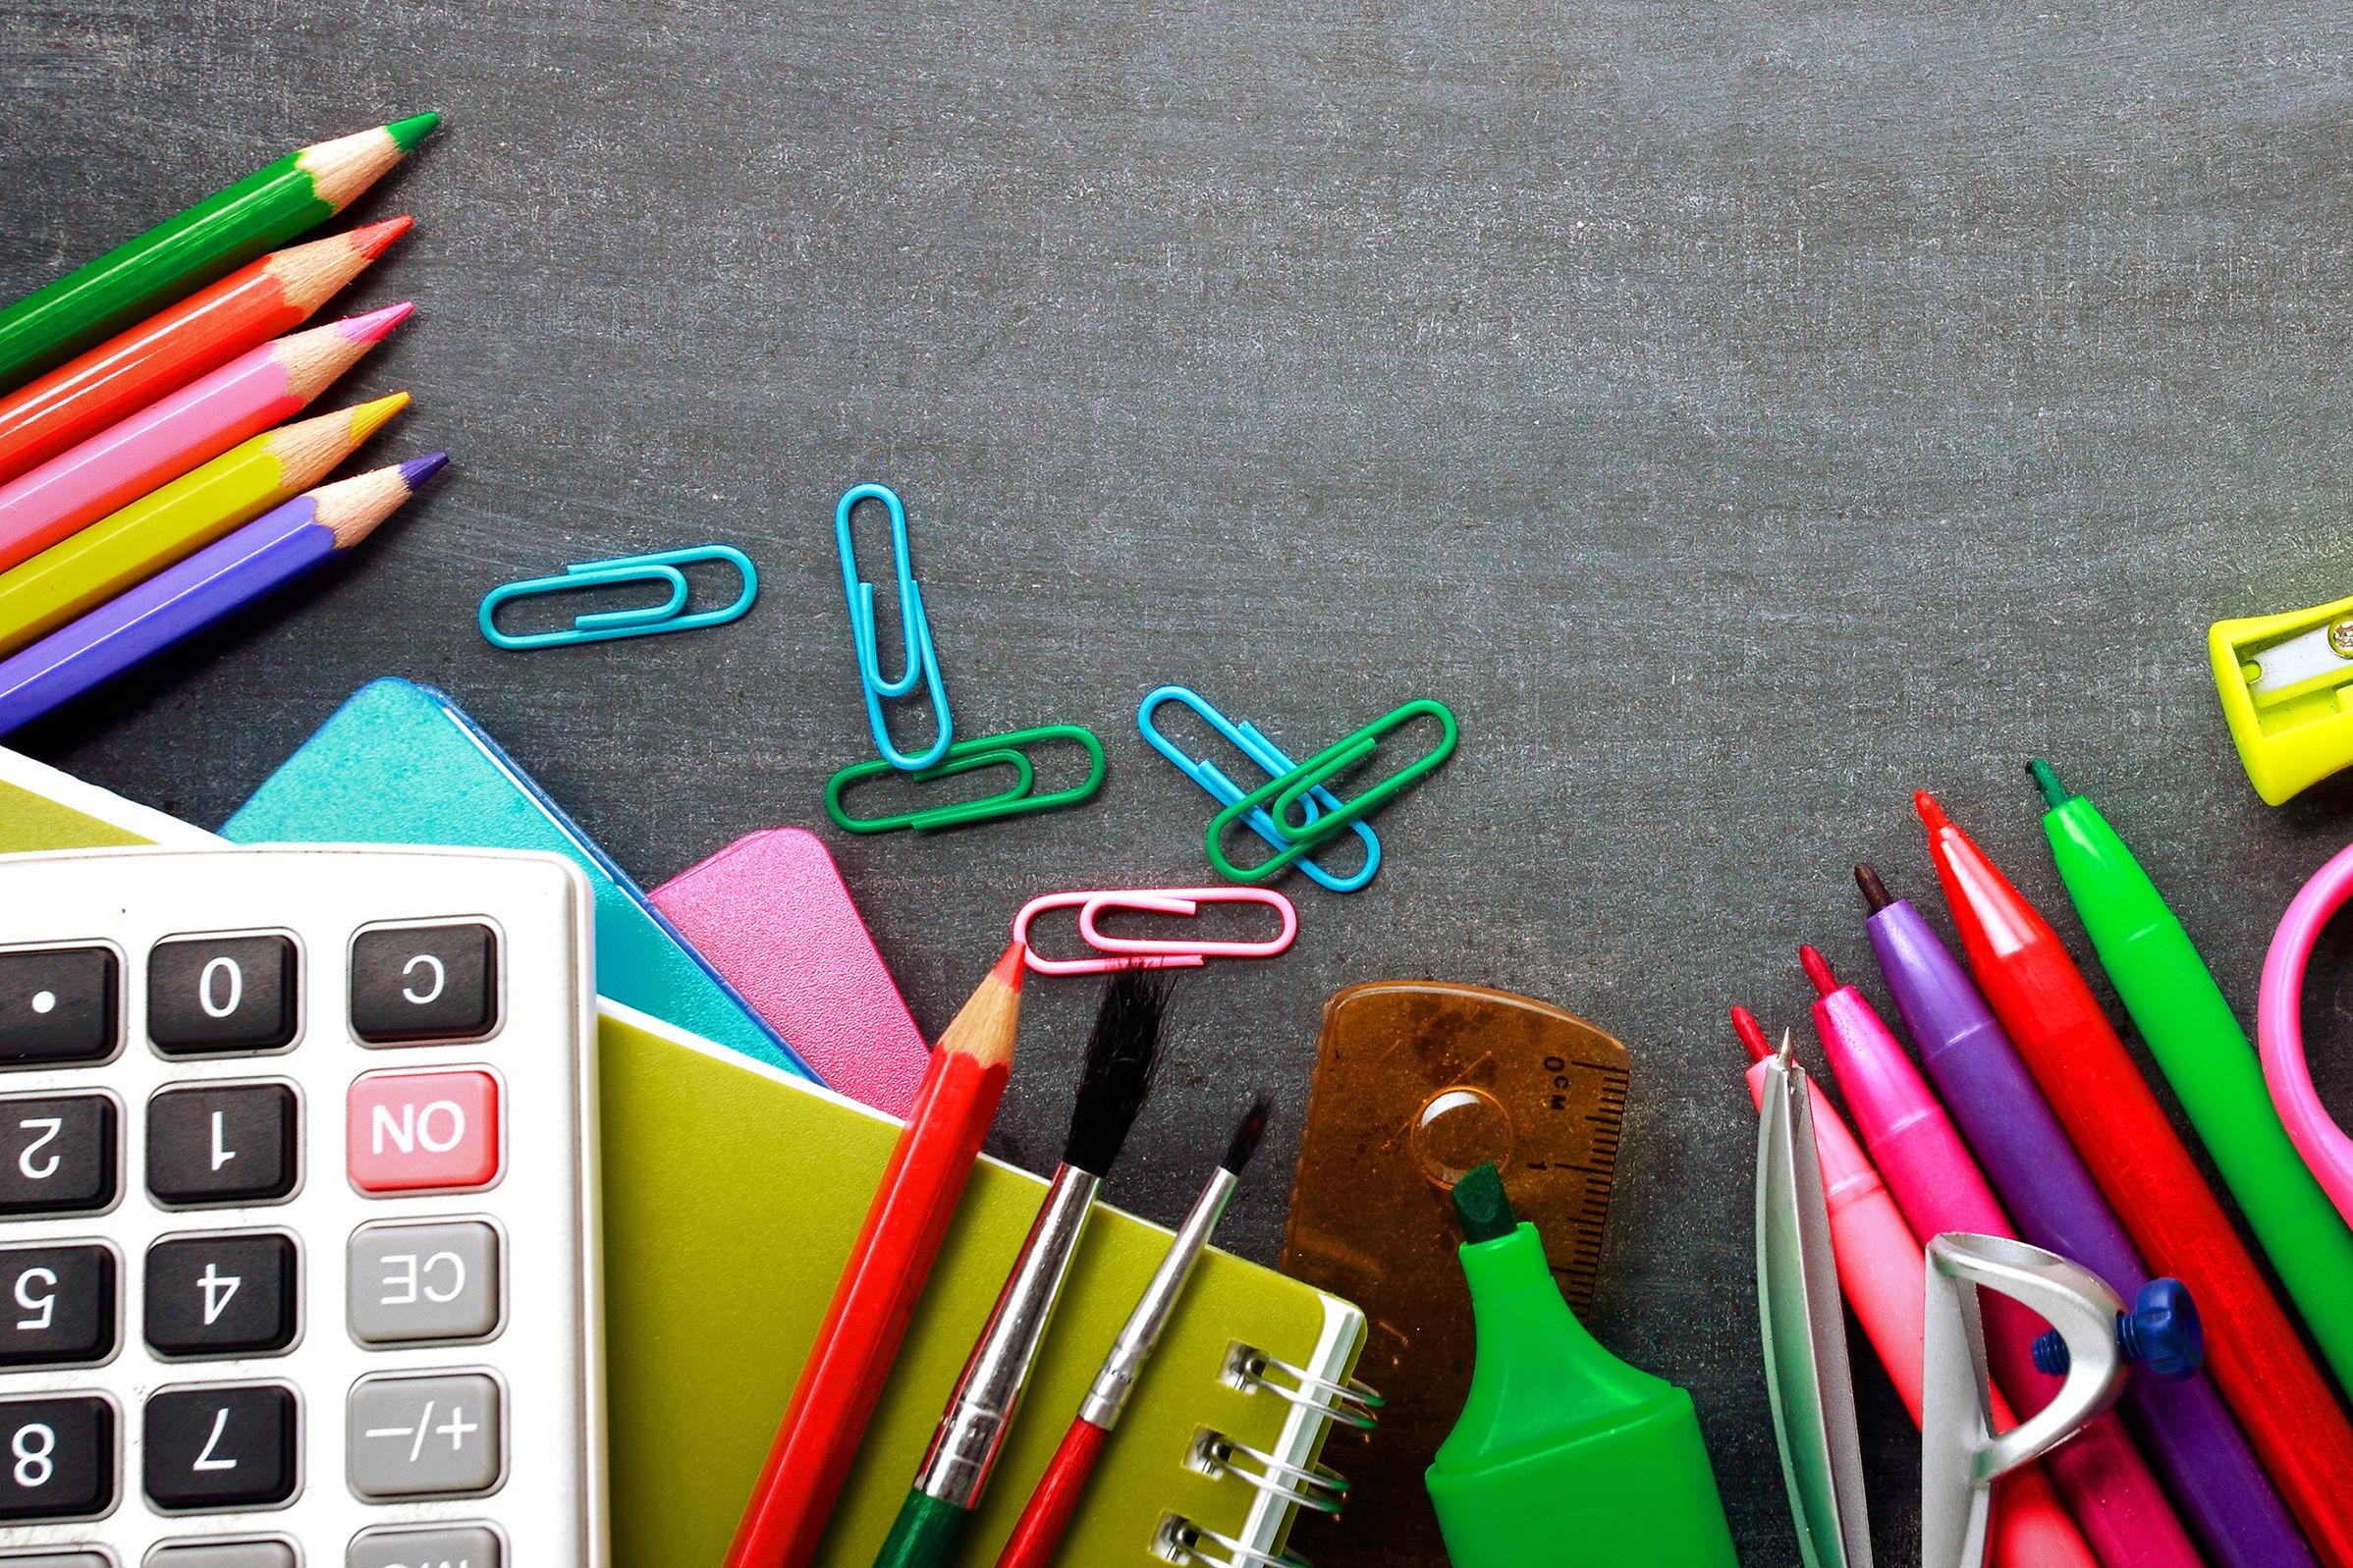 Shutterstock school supplies afkx1y